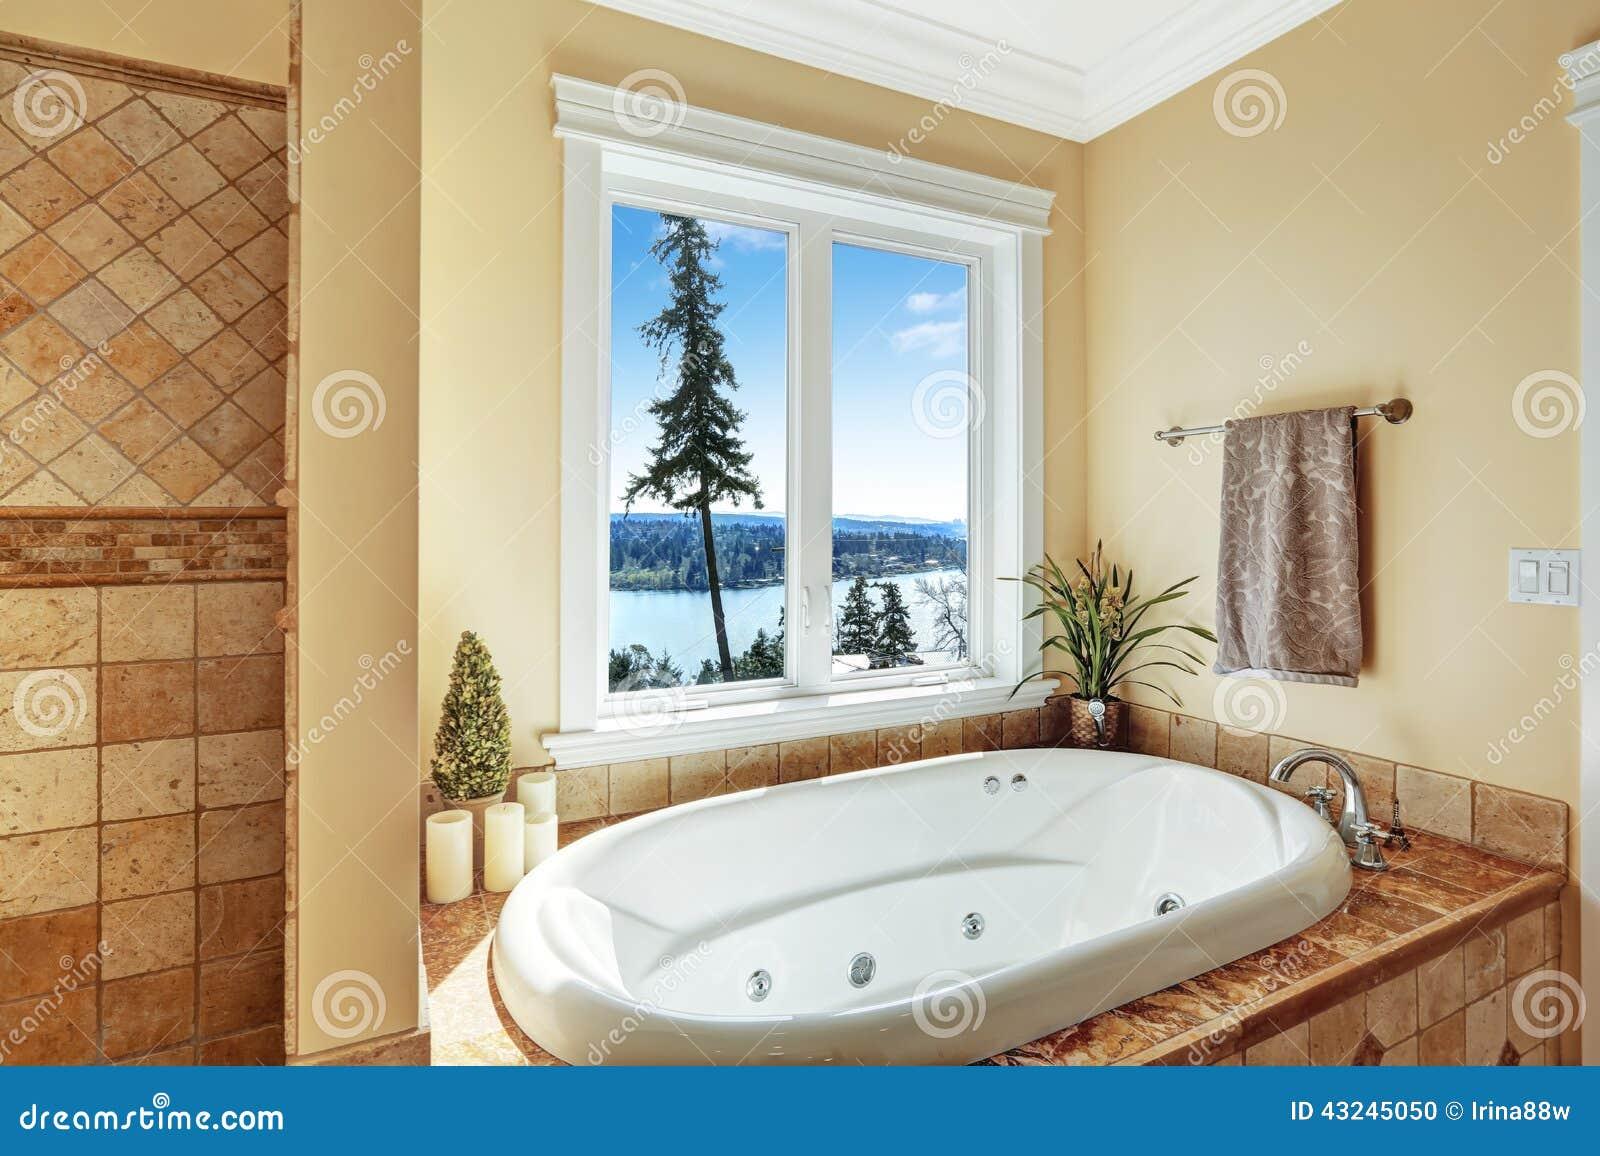 Vasca Da Bagno Vista : Bagno con la vasca da bagno del mulinello e la bella vista